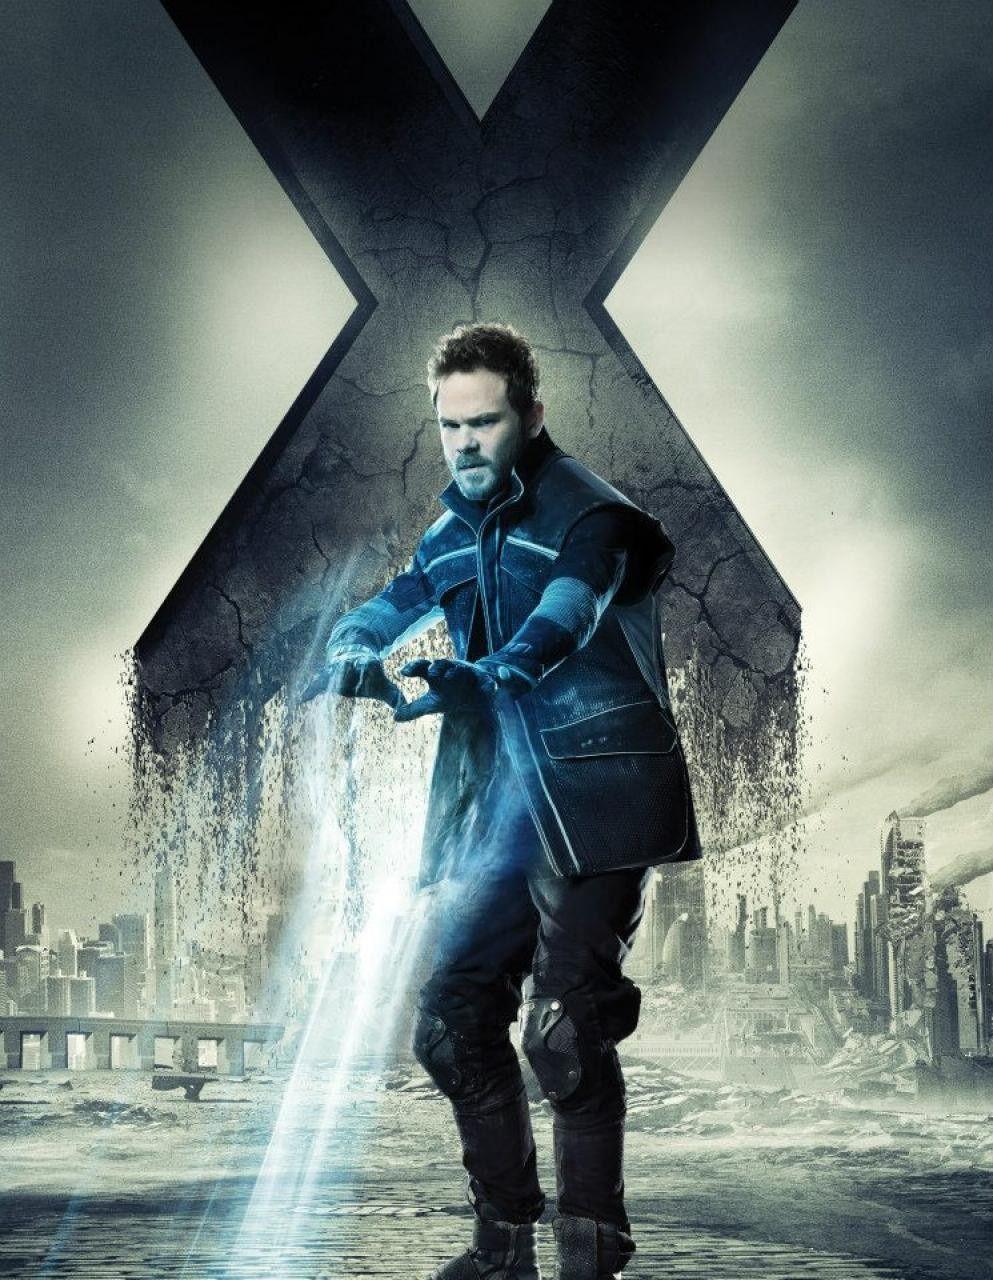 X-Men: Días del futuro pasado Iceman (Shawn Ashmore) Poderes: Visión térmica. Congela el ambiente y es capaz de convertir su cuerpo en hielo. Foto: Especial.